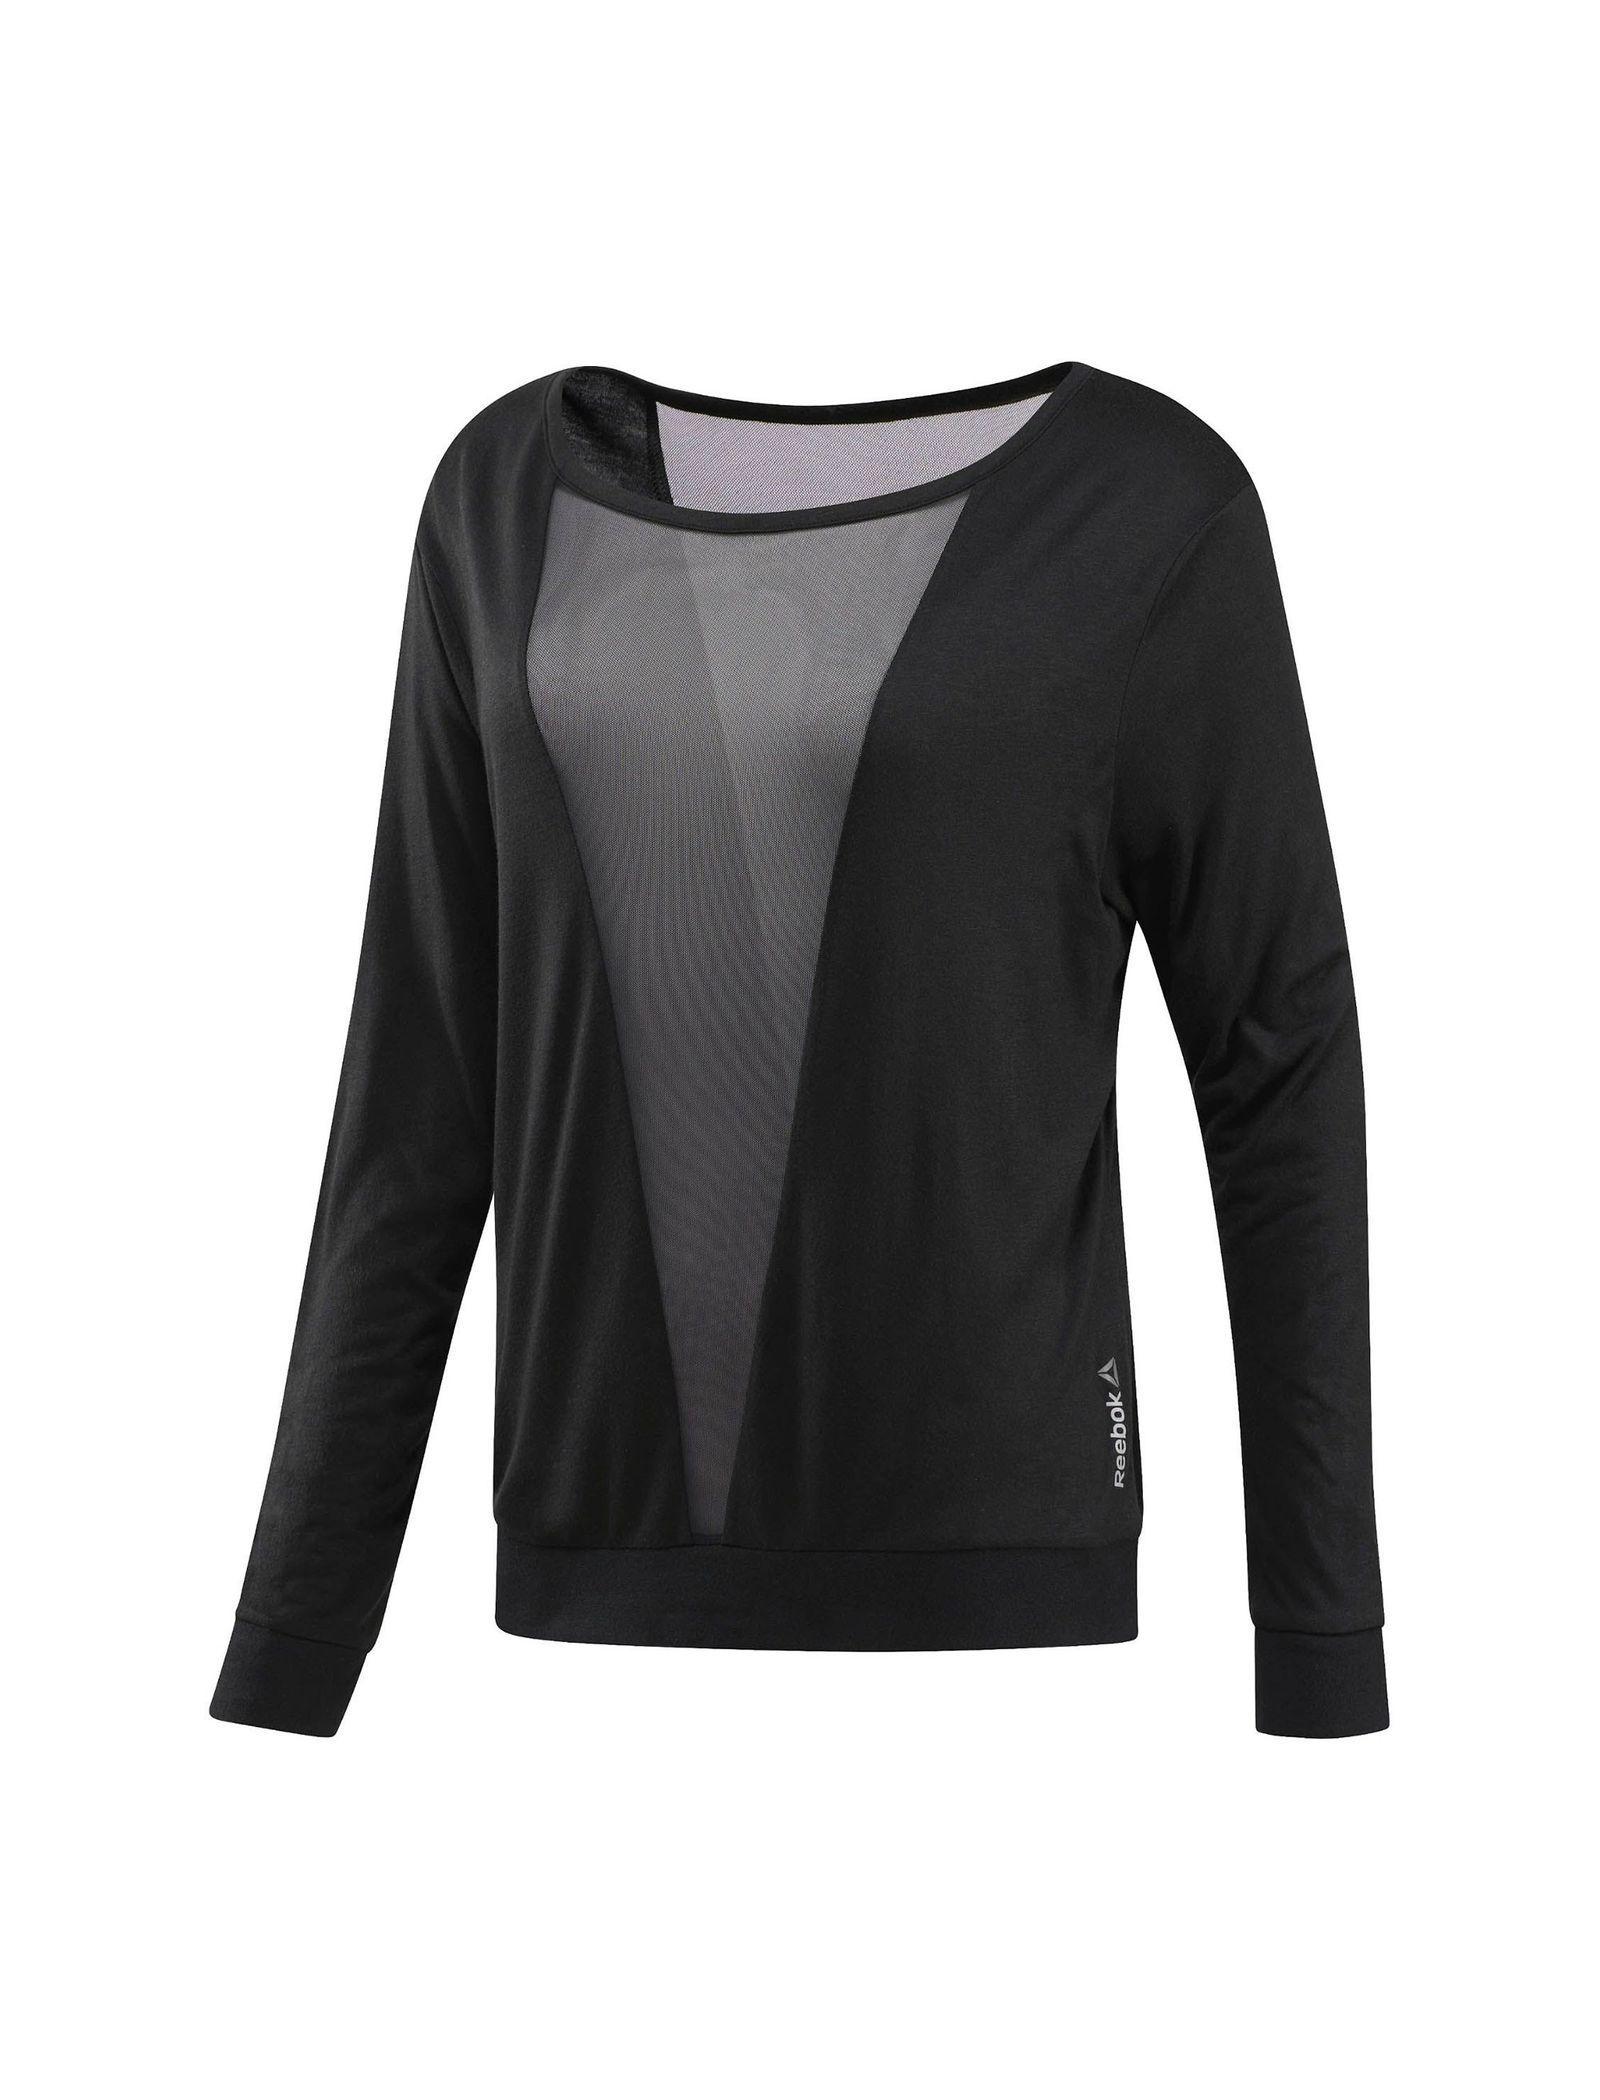 تی شرت ورزشی آستین بلند زنانه - ریباک - مشکي - 1